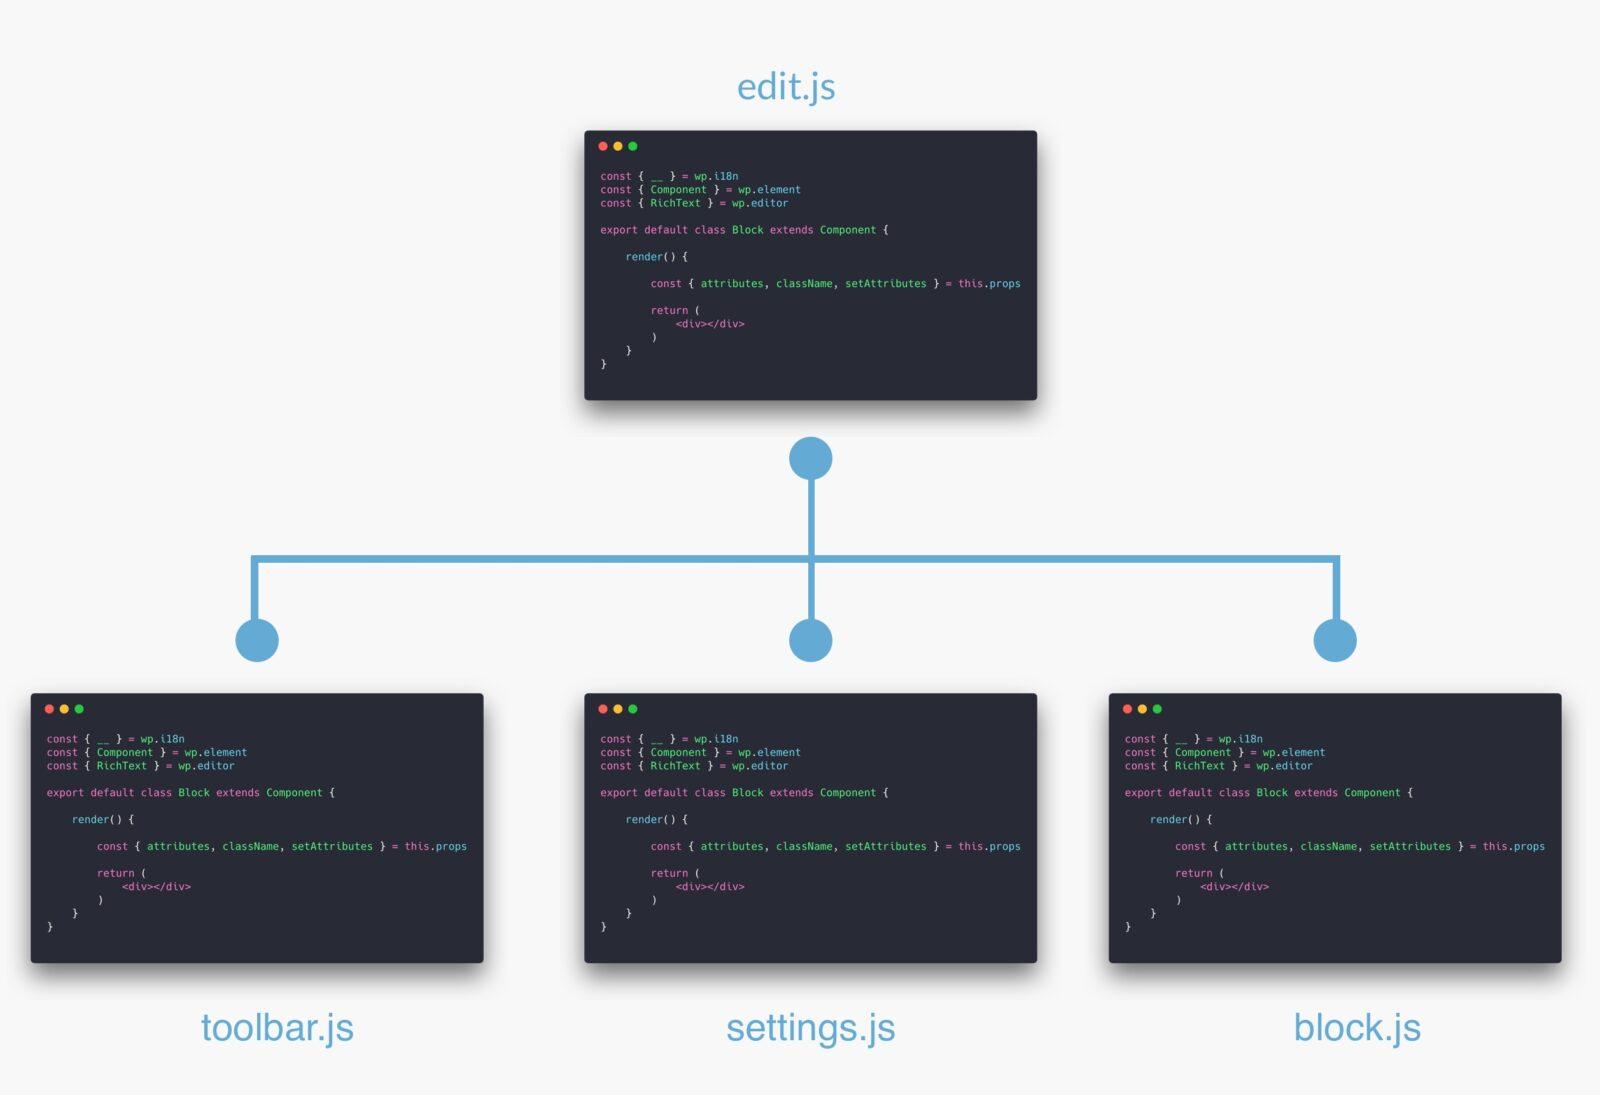 Les différents fichiers de code source